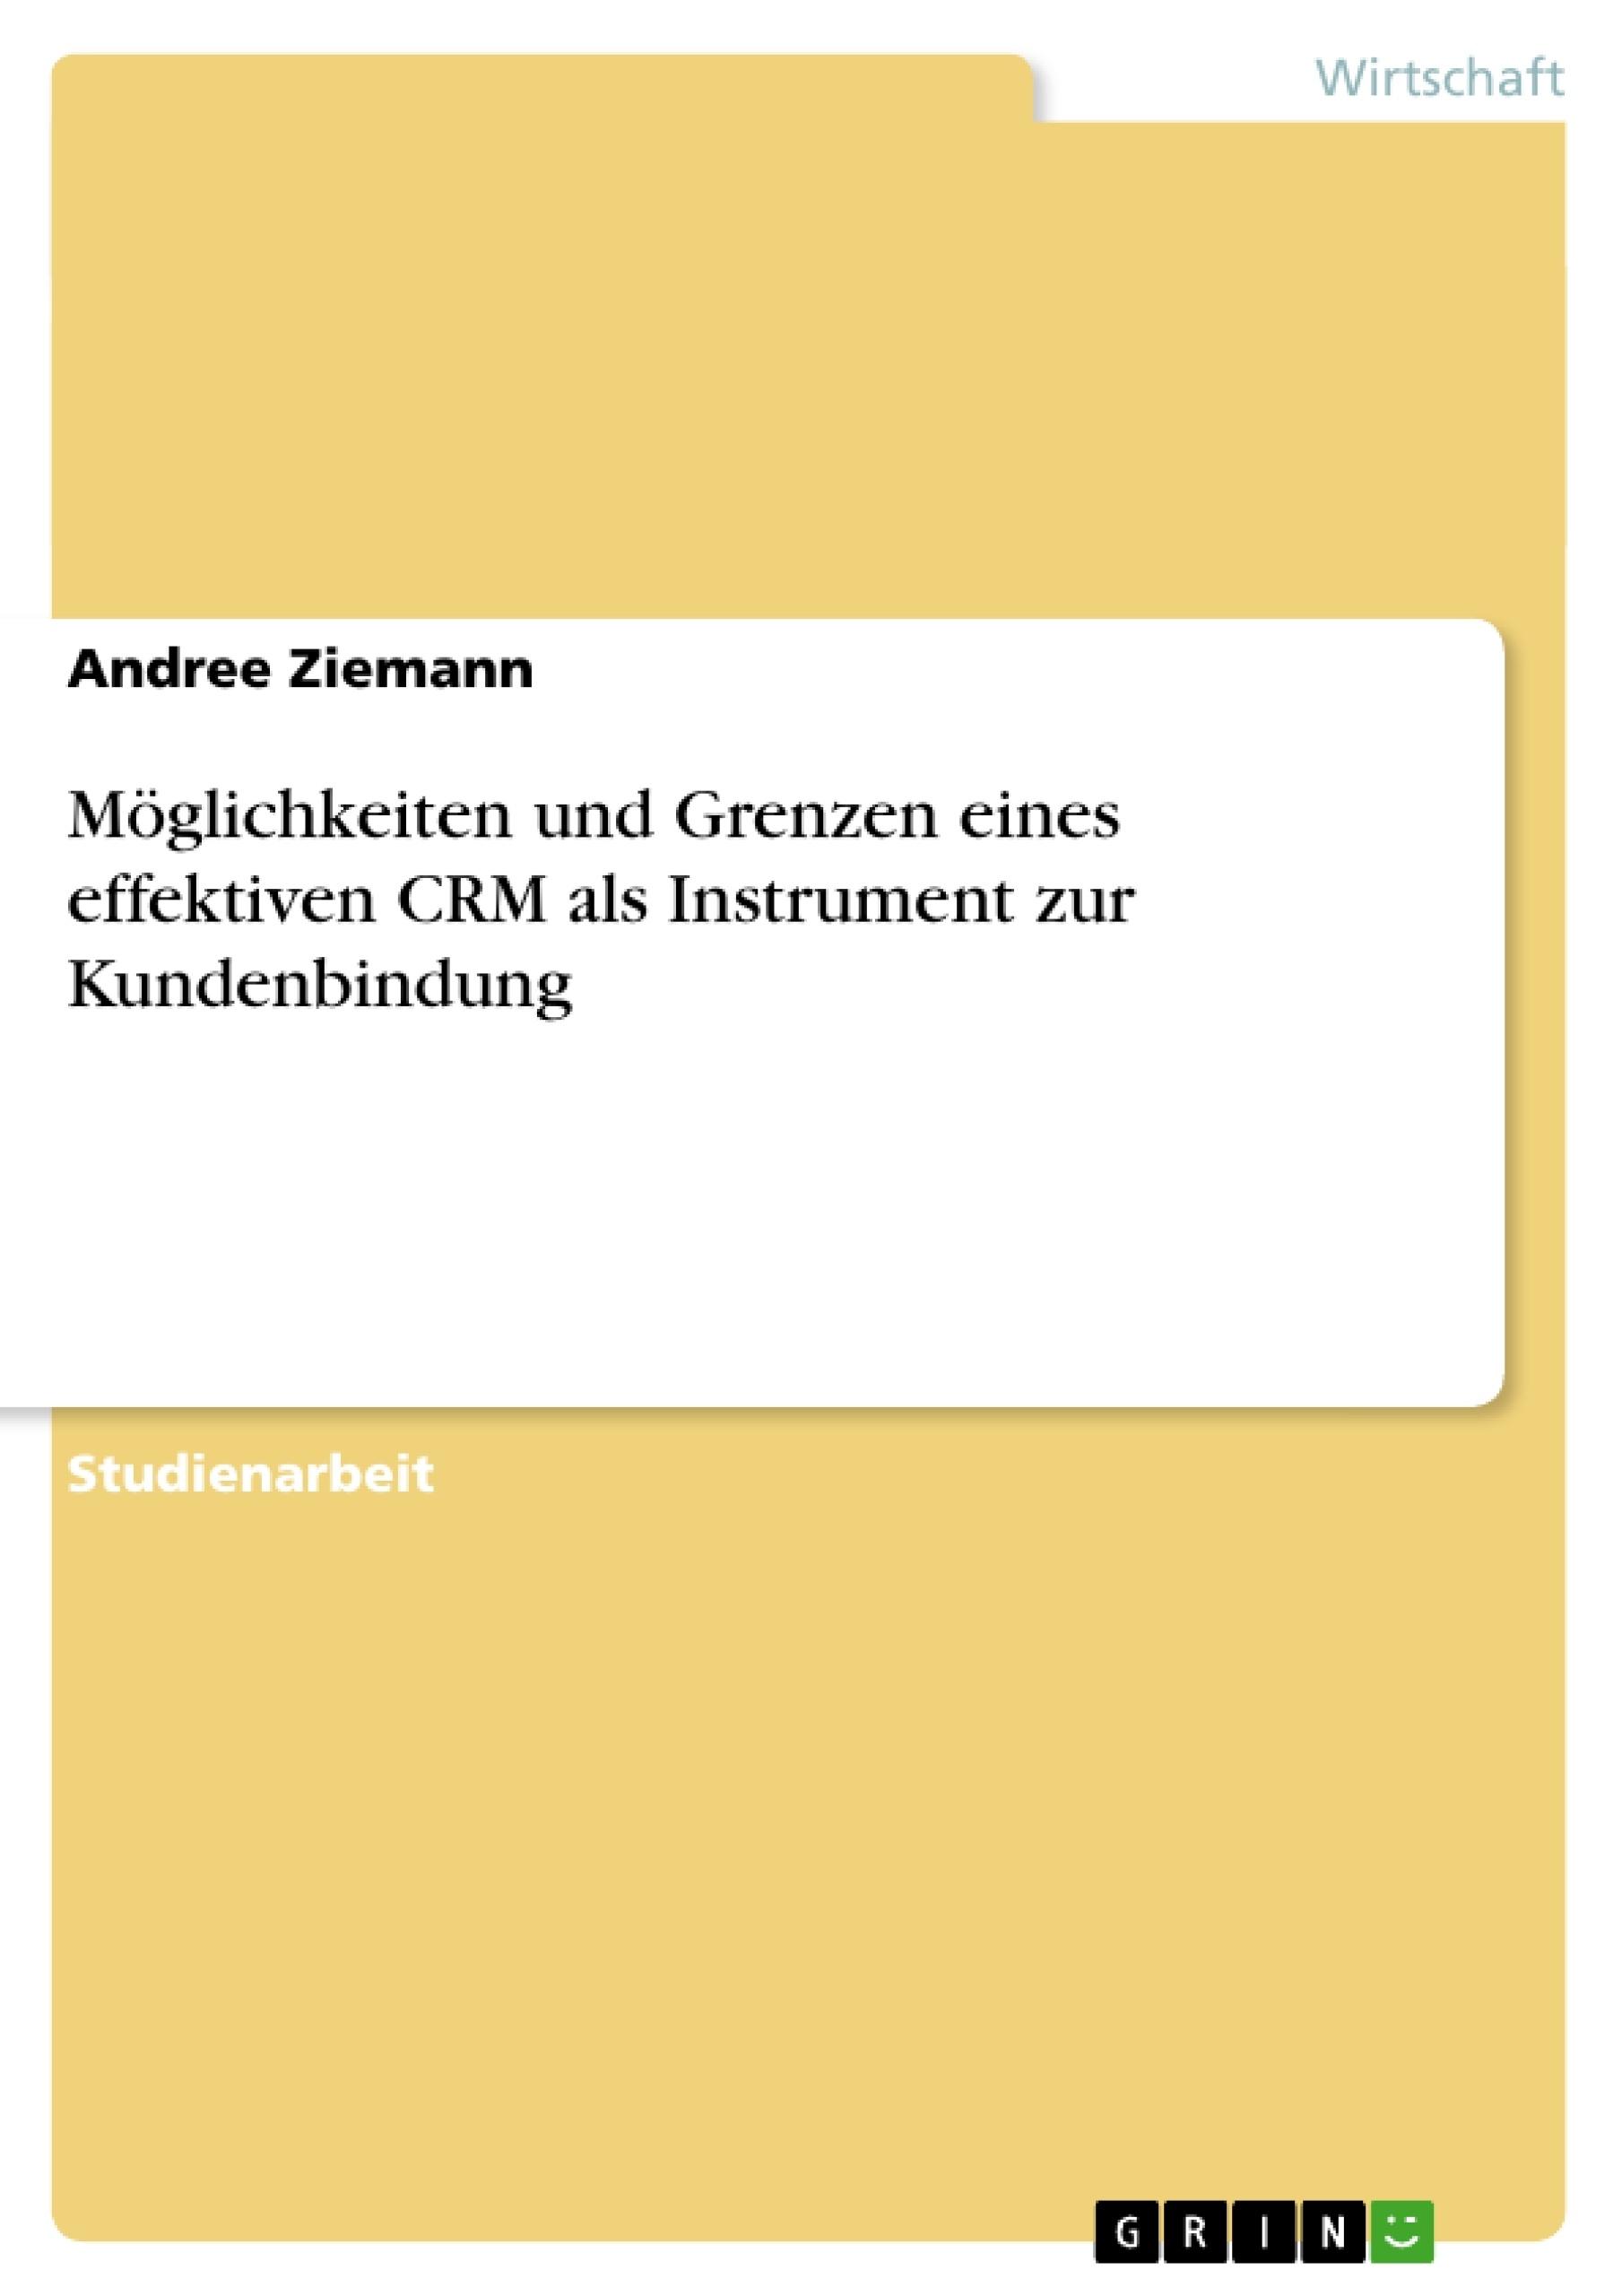 Titel: Möglichkeiten und Grenzen eines effektiven CRM als Instrument zur Kundenbindung